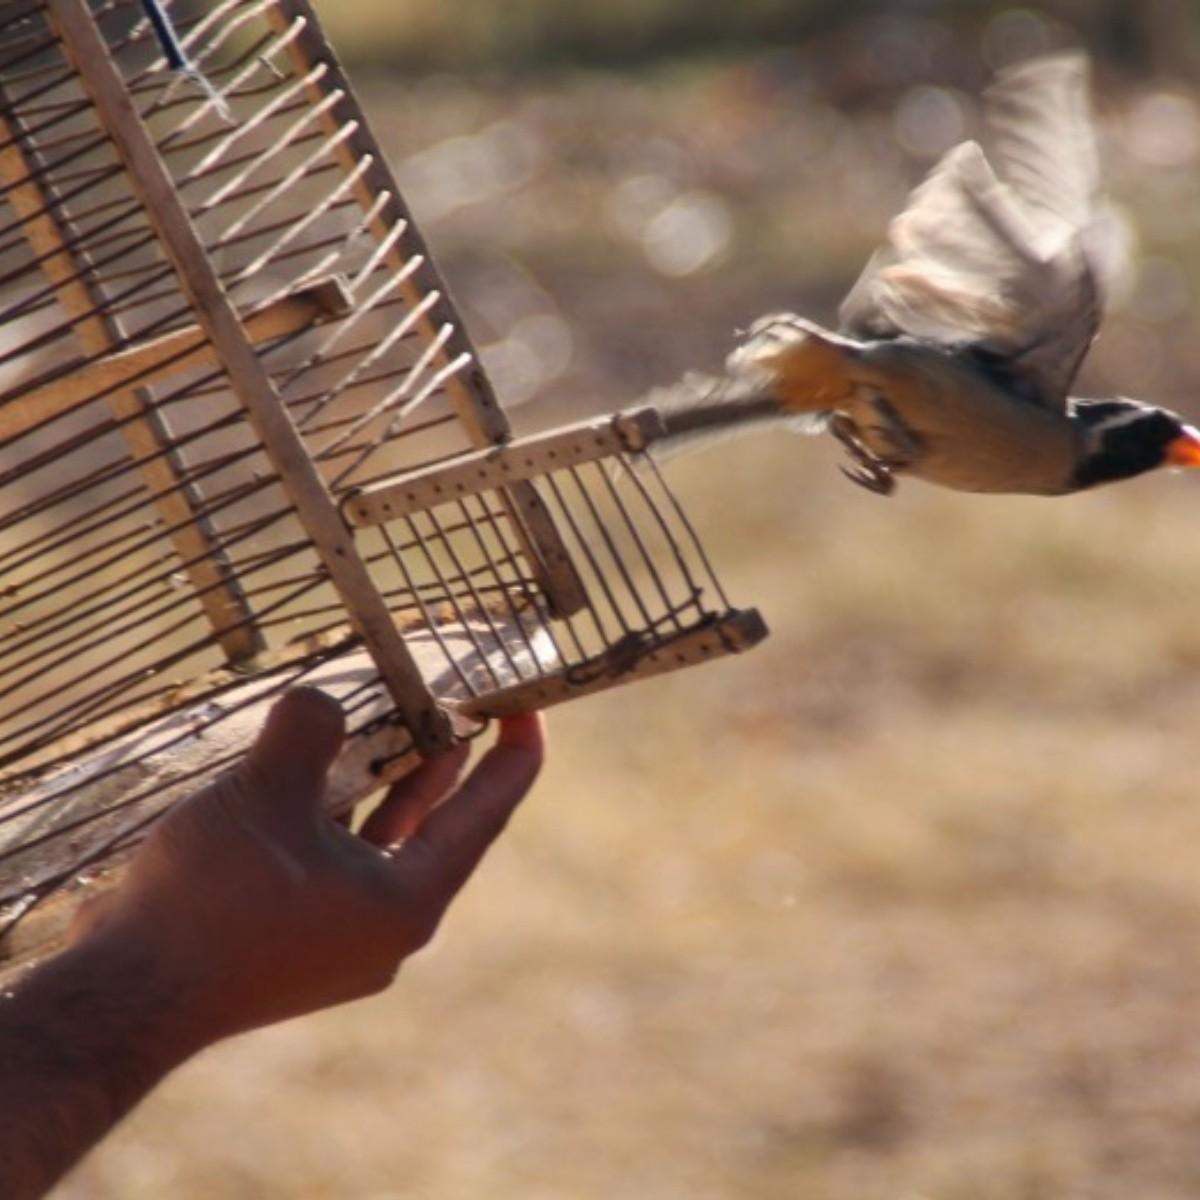 Liberaron 41 aves de distintas especies rescatadas del cautiverio |